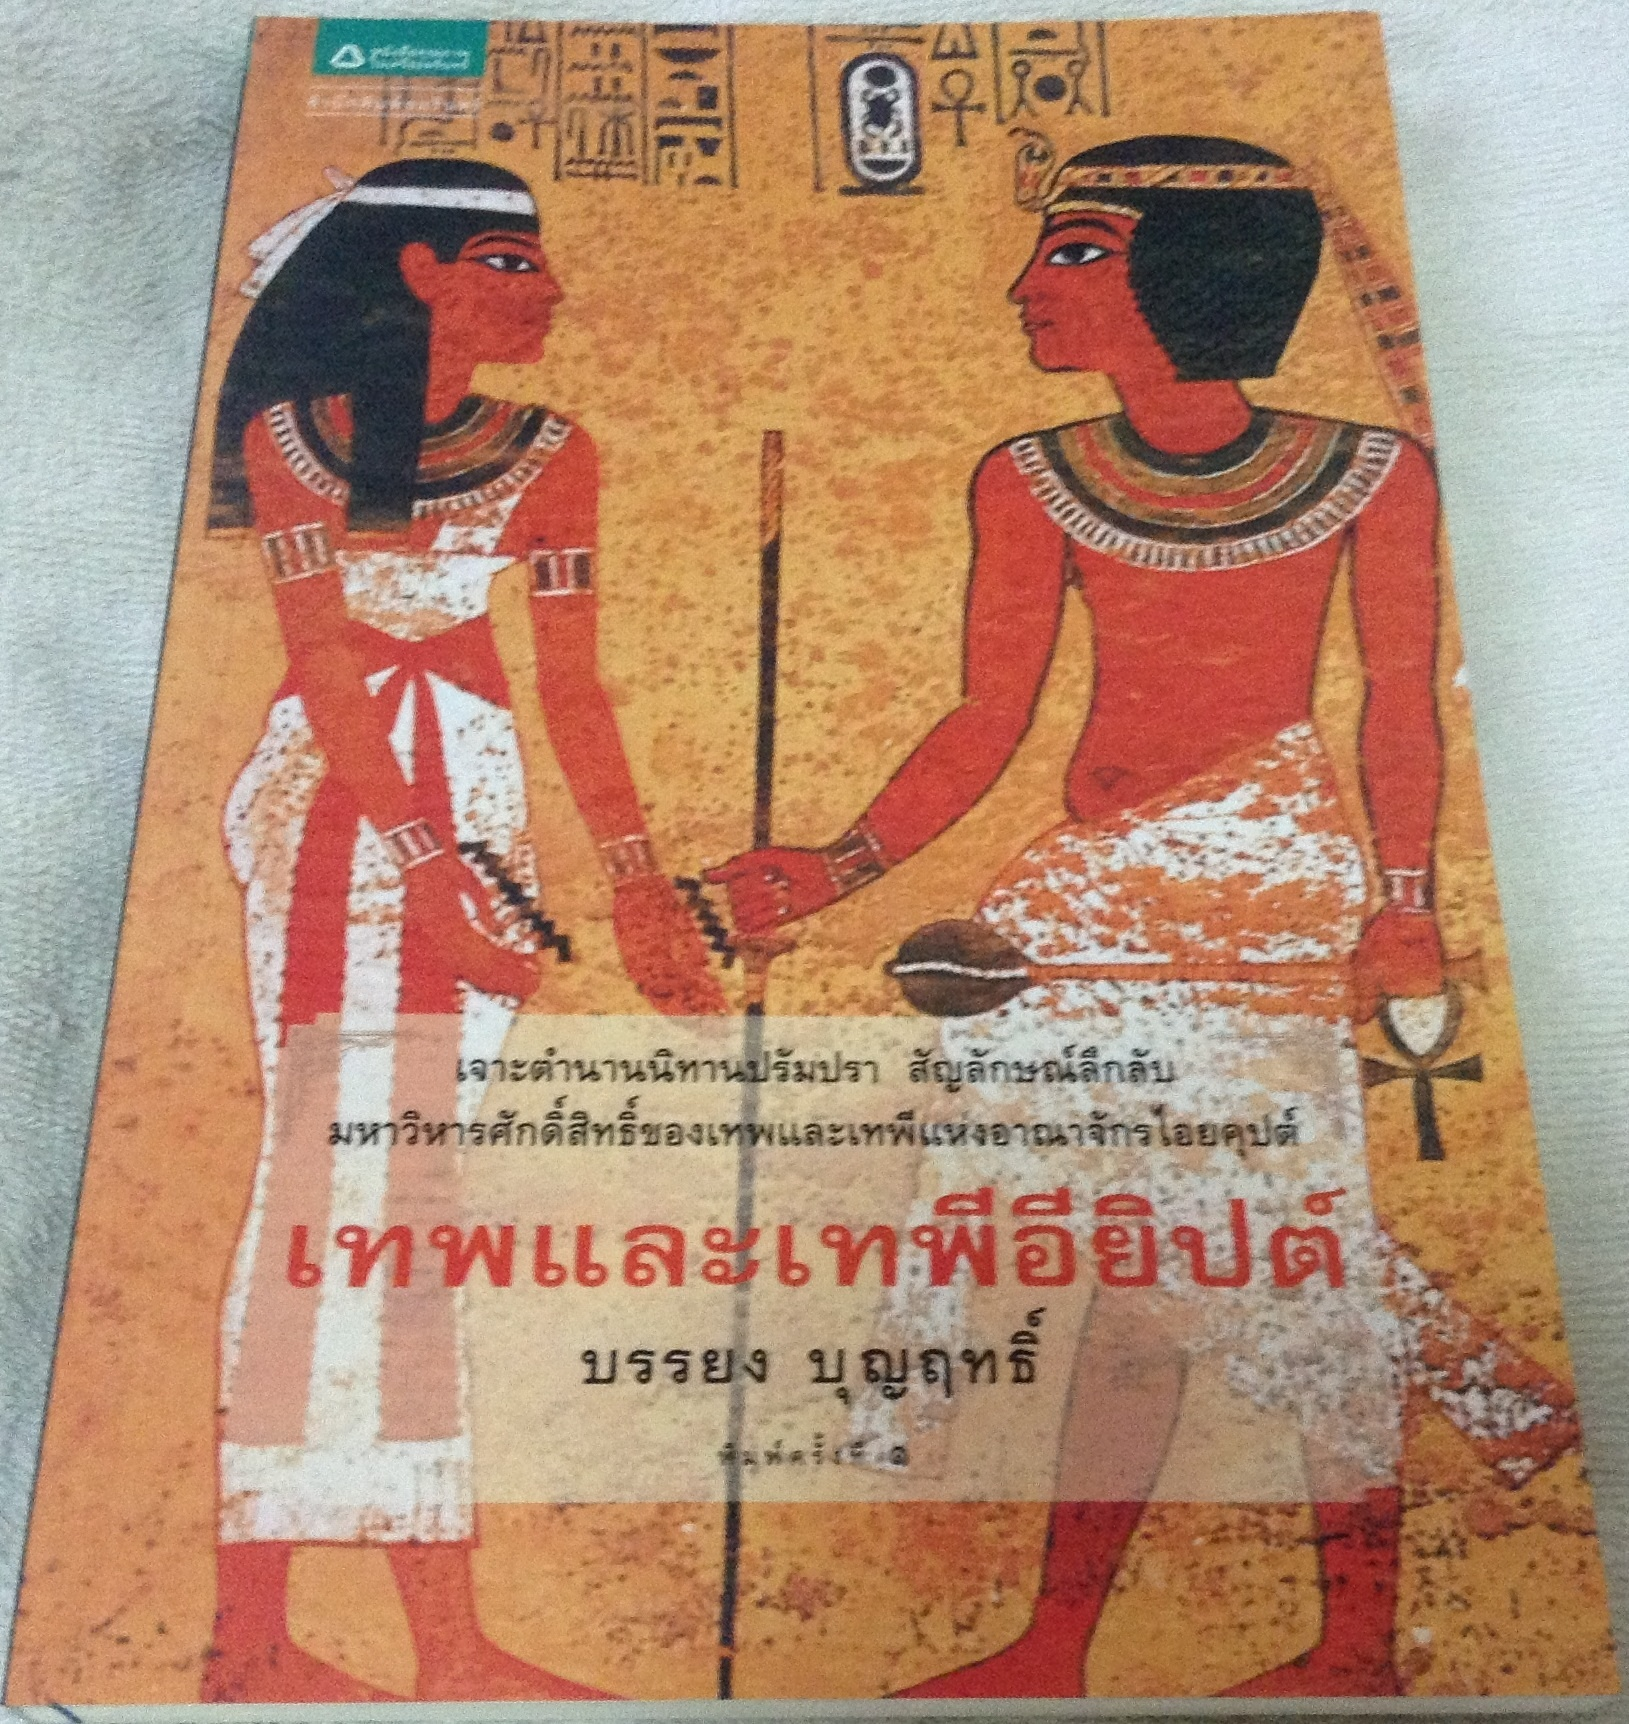 เทพและเทพีอียิปต์ บรรยง บุญฤทธิ์ มือหนึ่ง ราคา 150